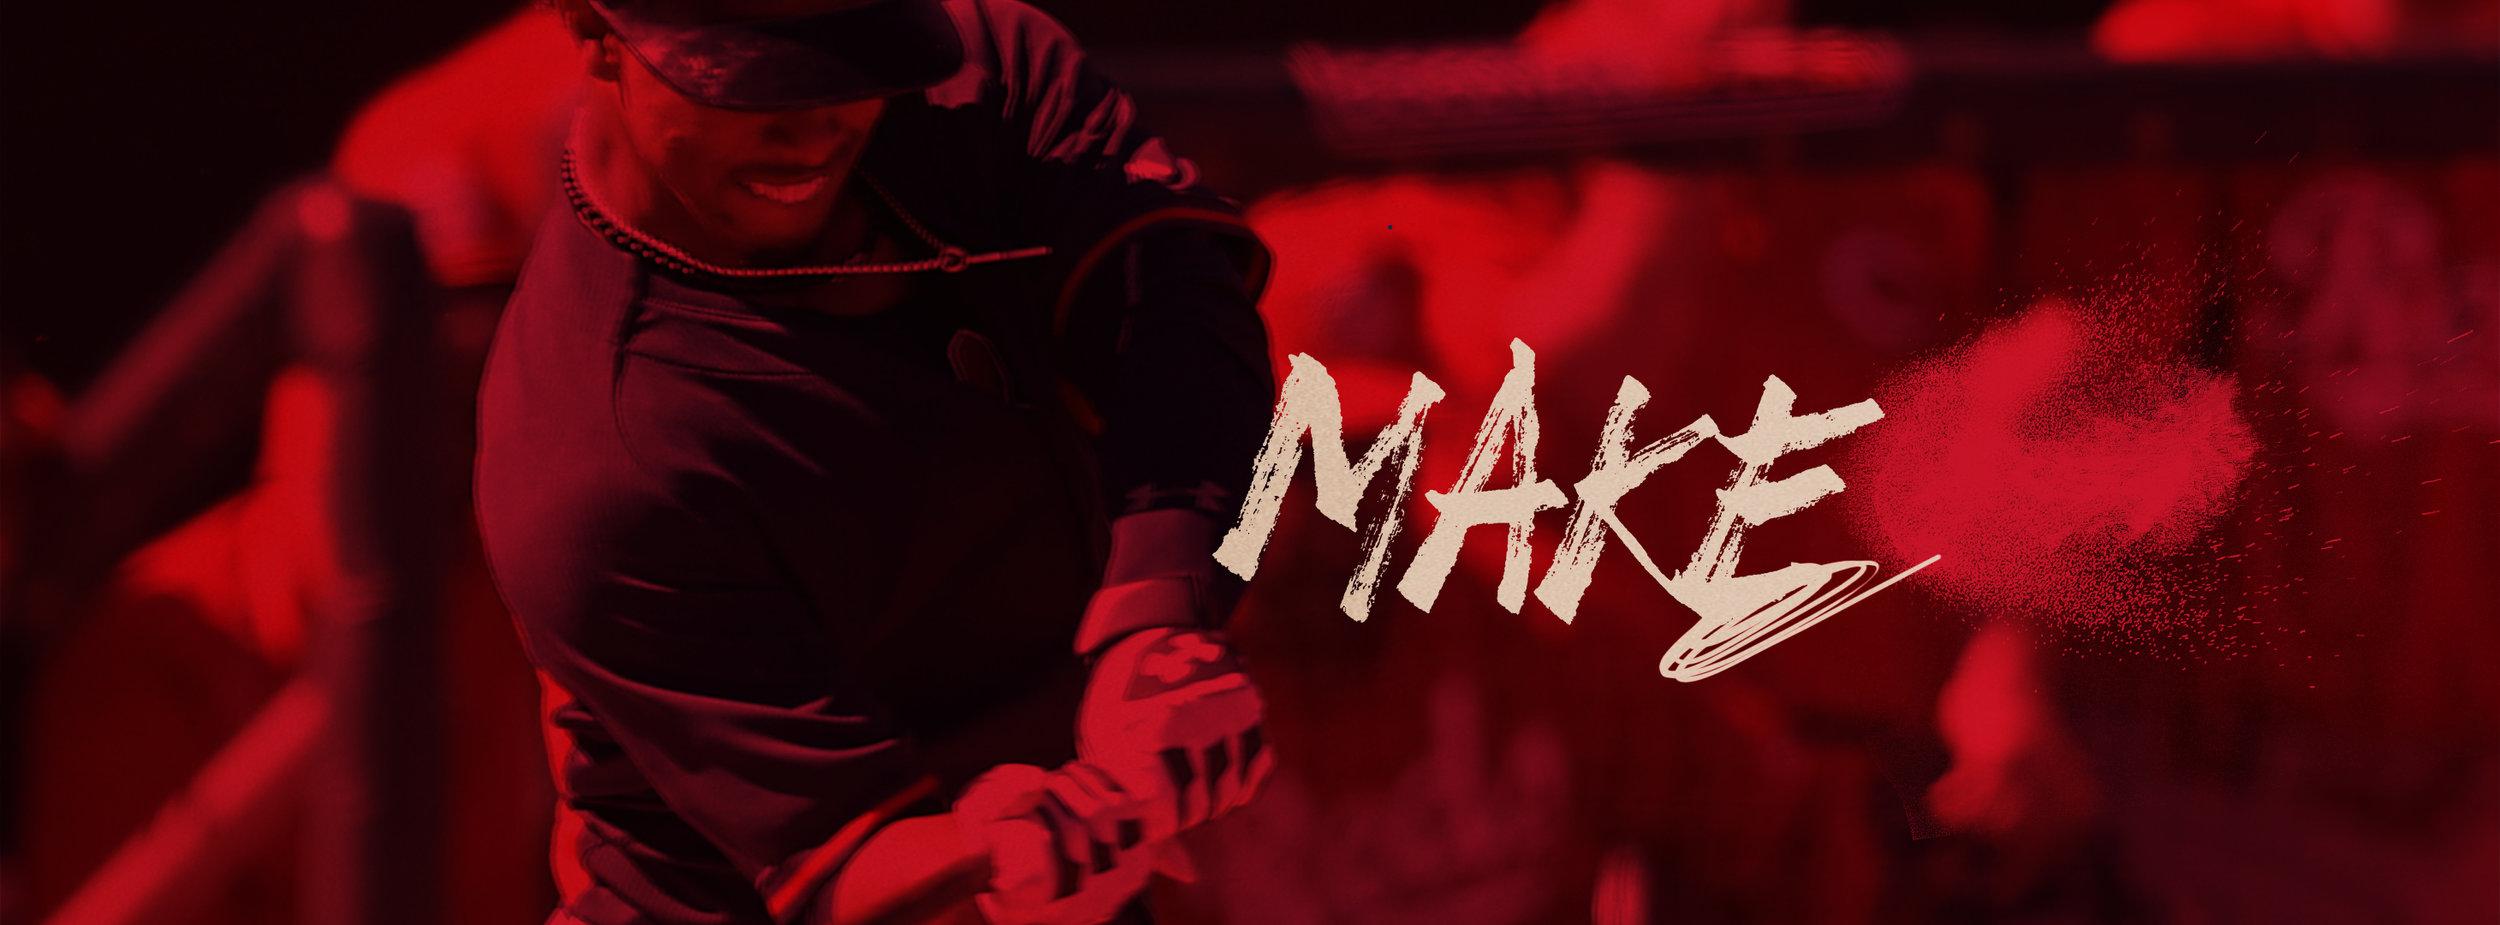 MAKE_SOME_NOISE 10 (00007).jpg